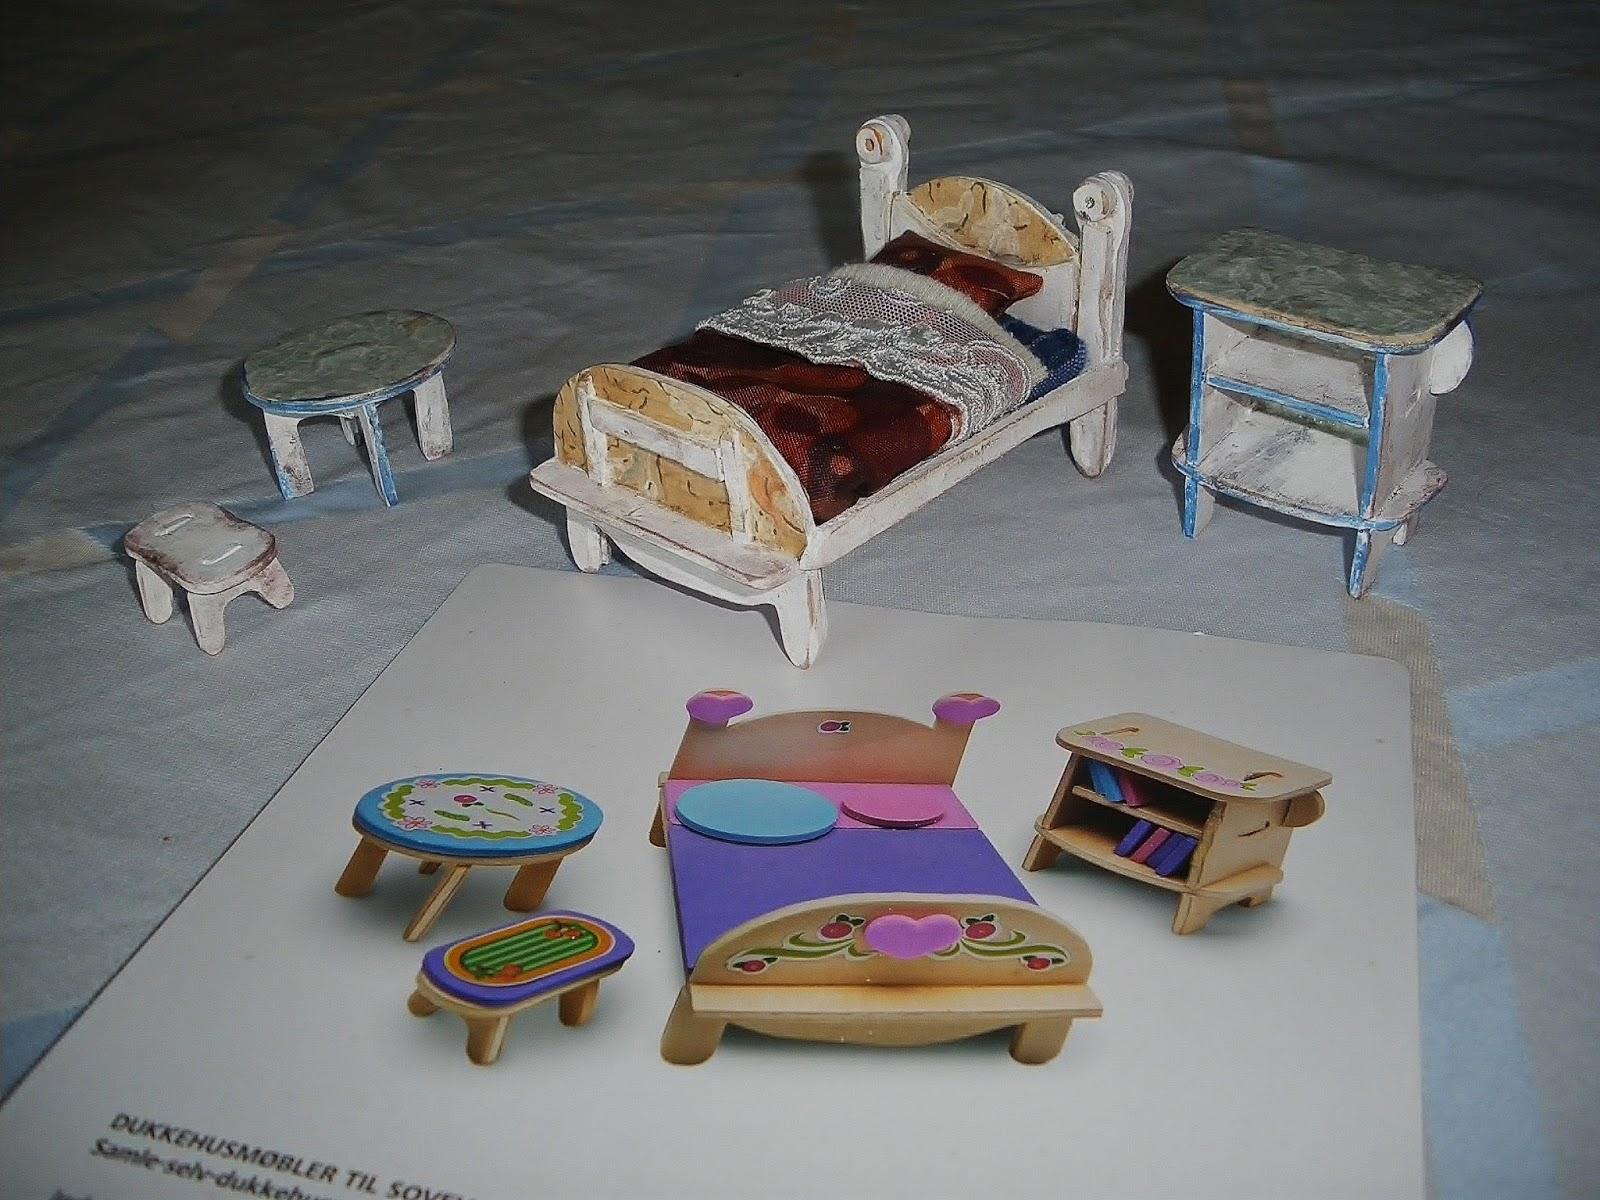 ANETTERIINAS SMå TING OCH TANKAR Mera möbler från plywood ark